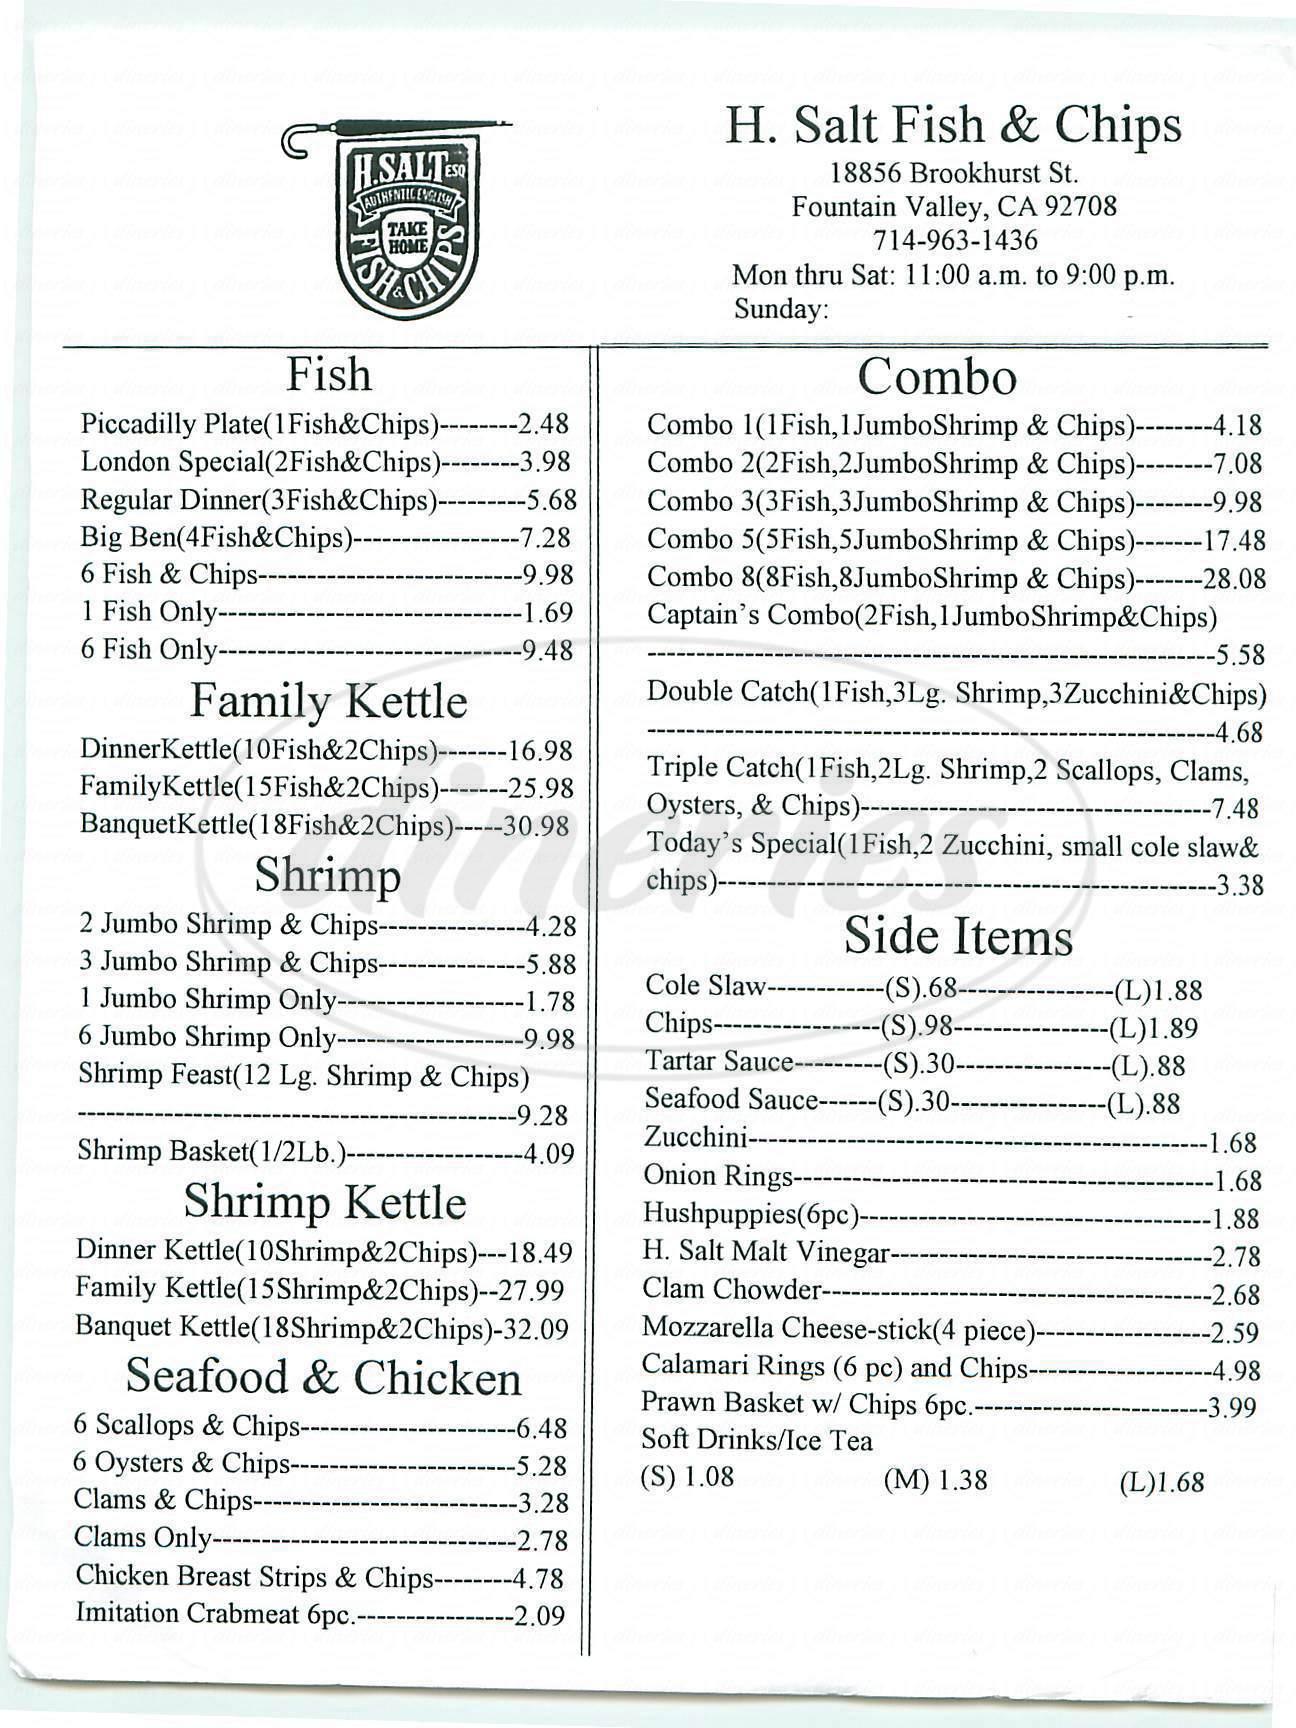 menu for H Salt Fish & Chips